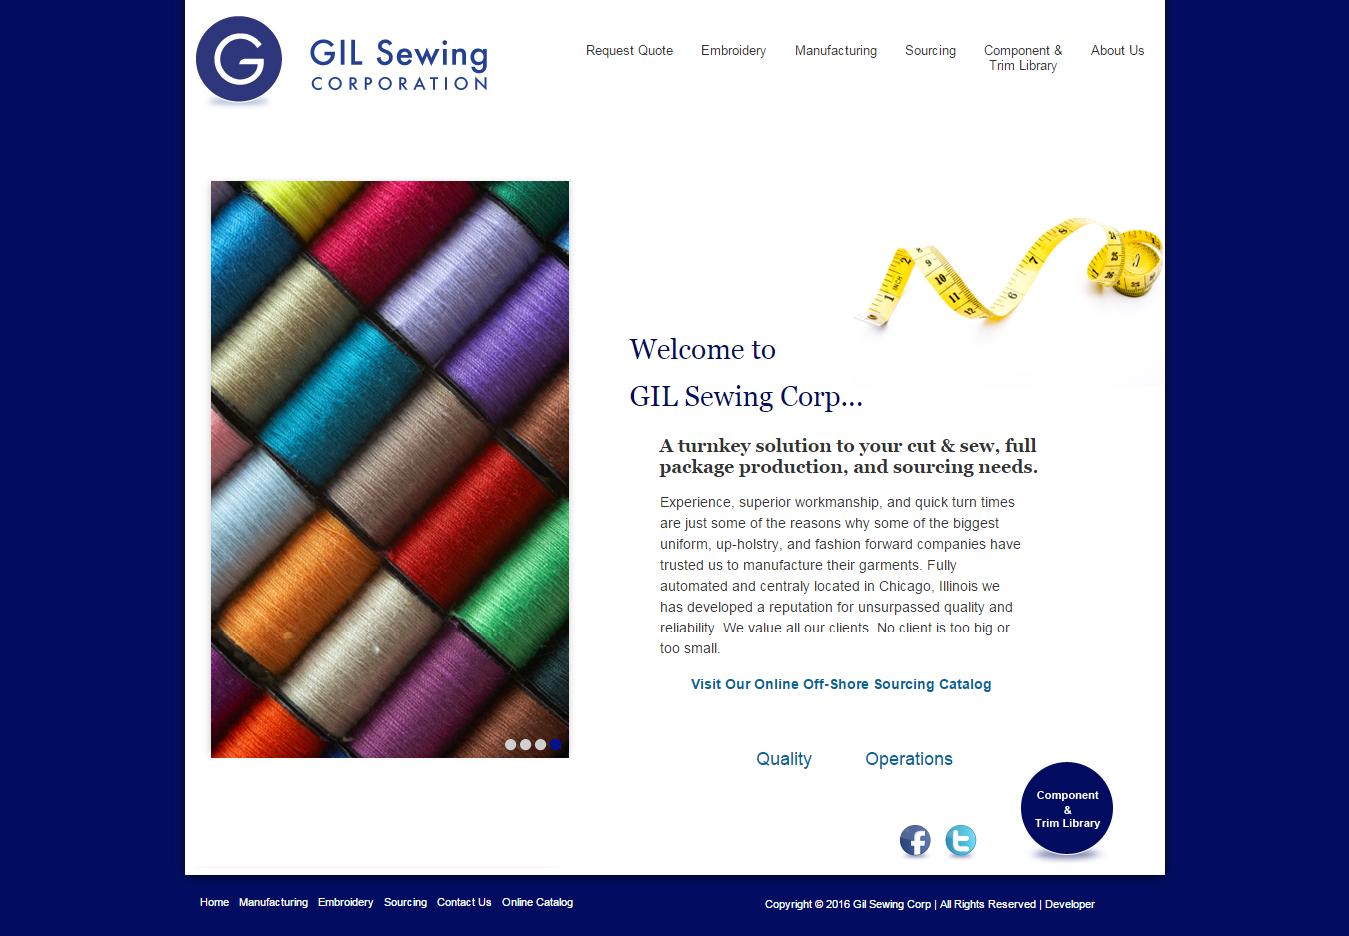 Website design of manufacturing companies - Arteqo Consulting